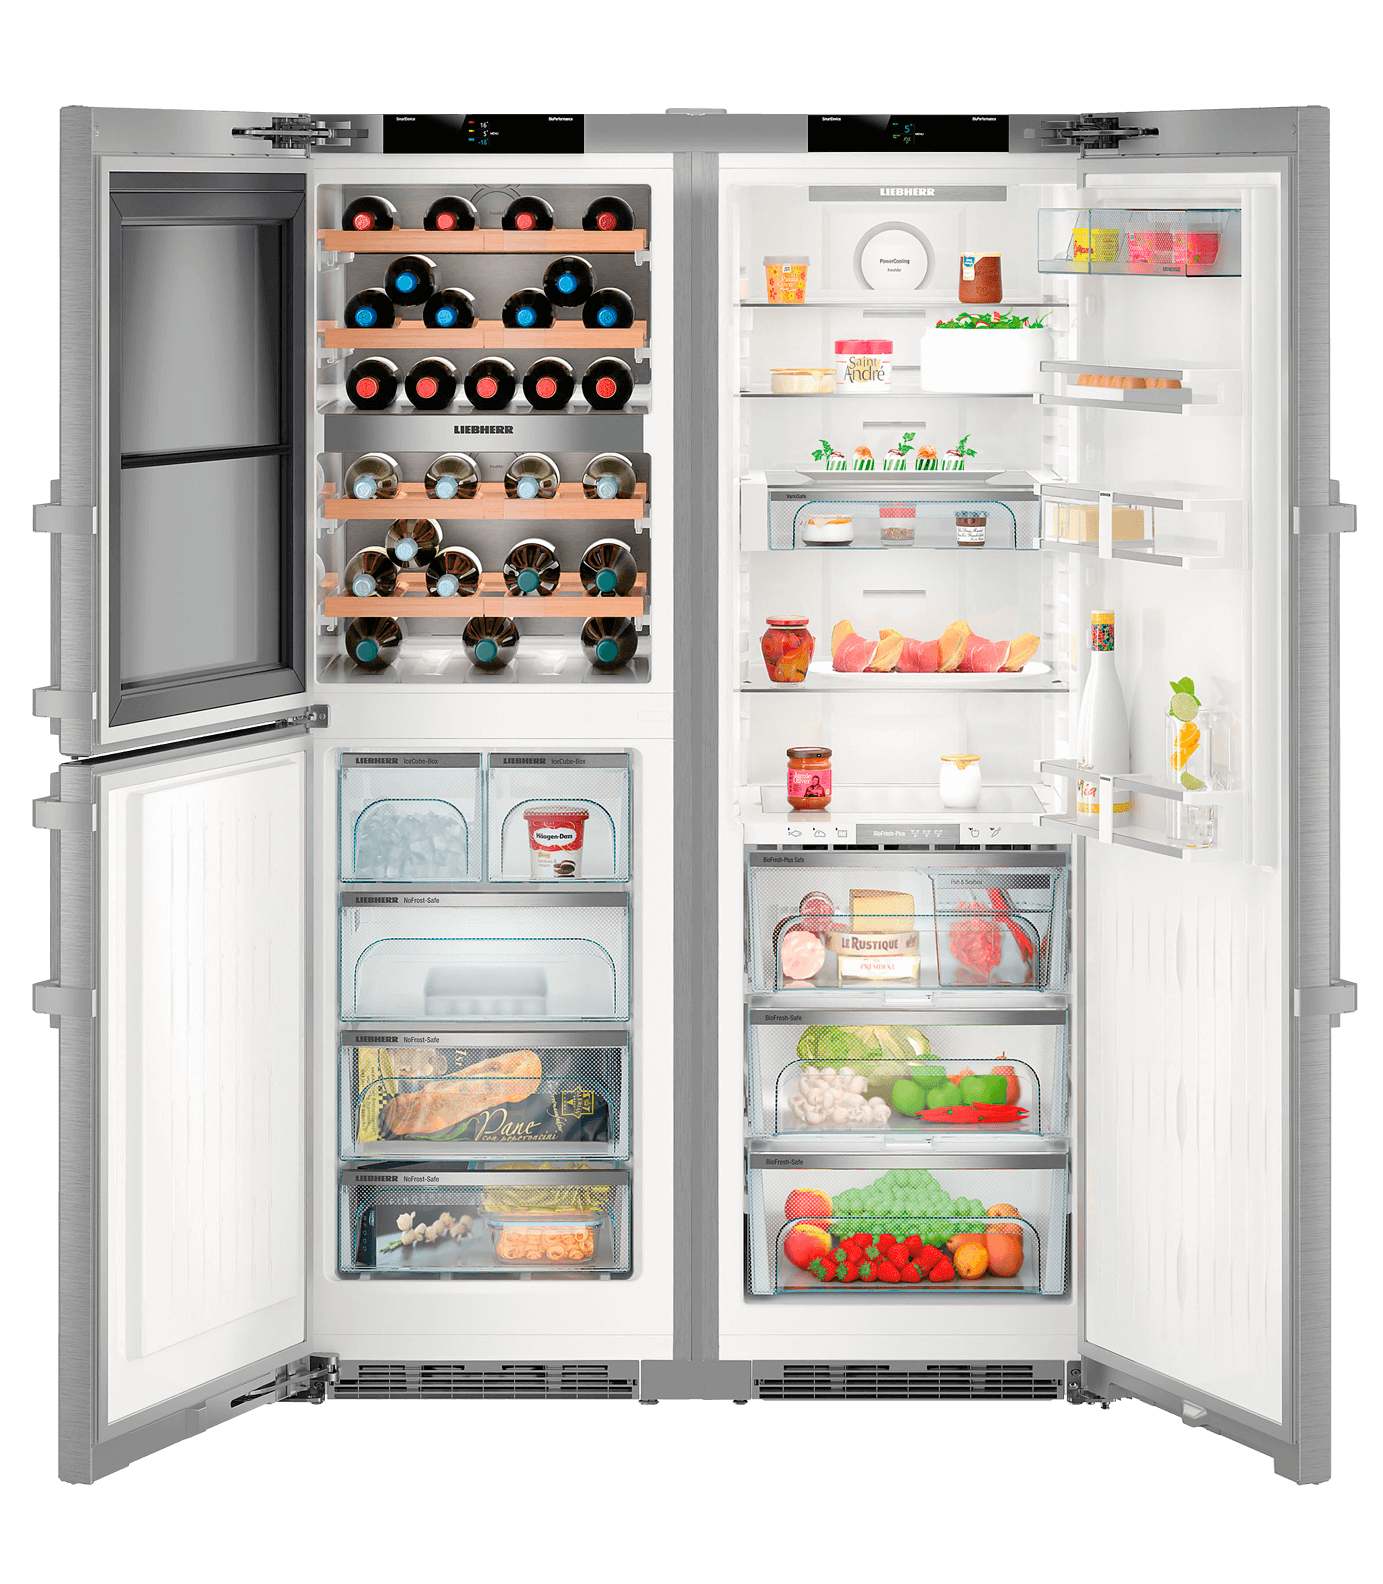 Refrigerateur Americain Faible Largeur sbses 8496 premiumplus